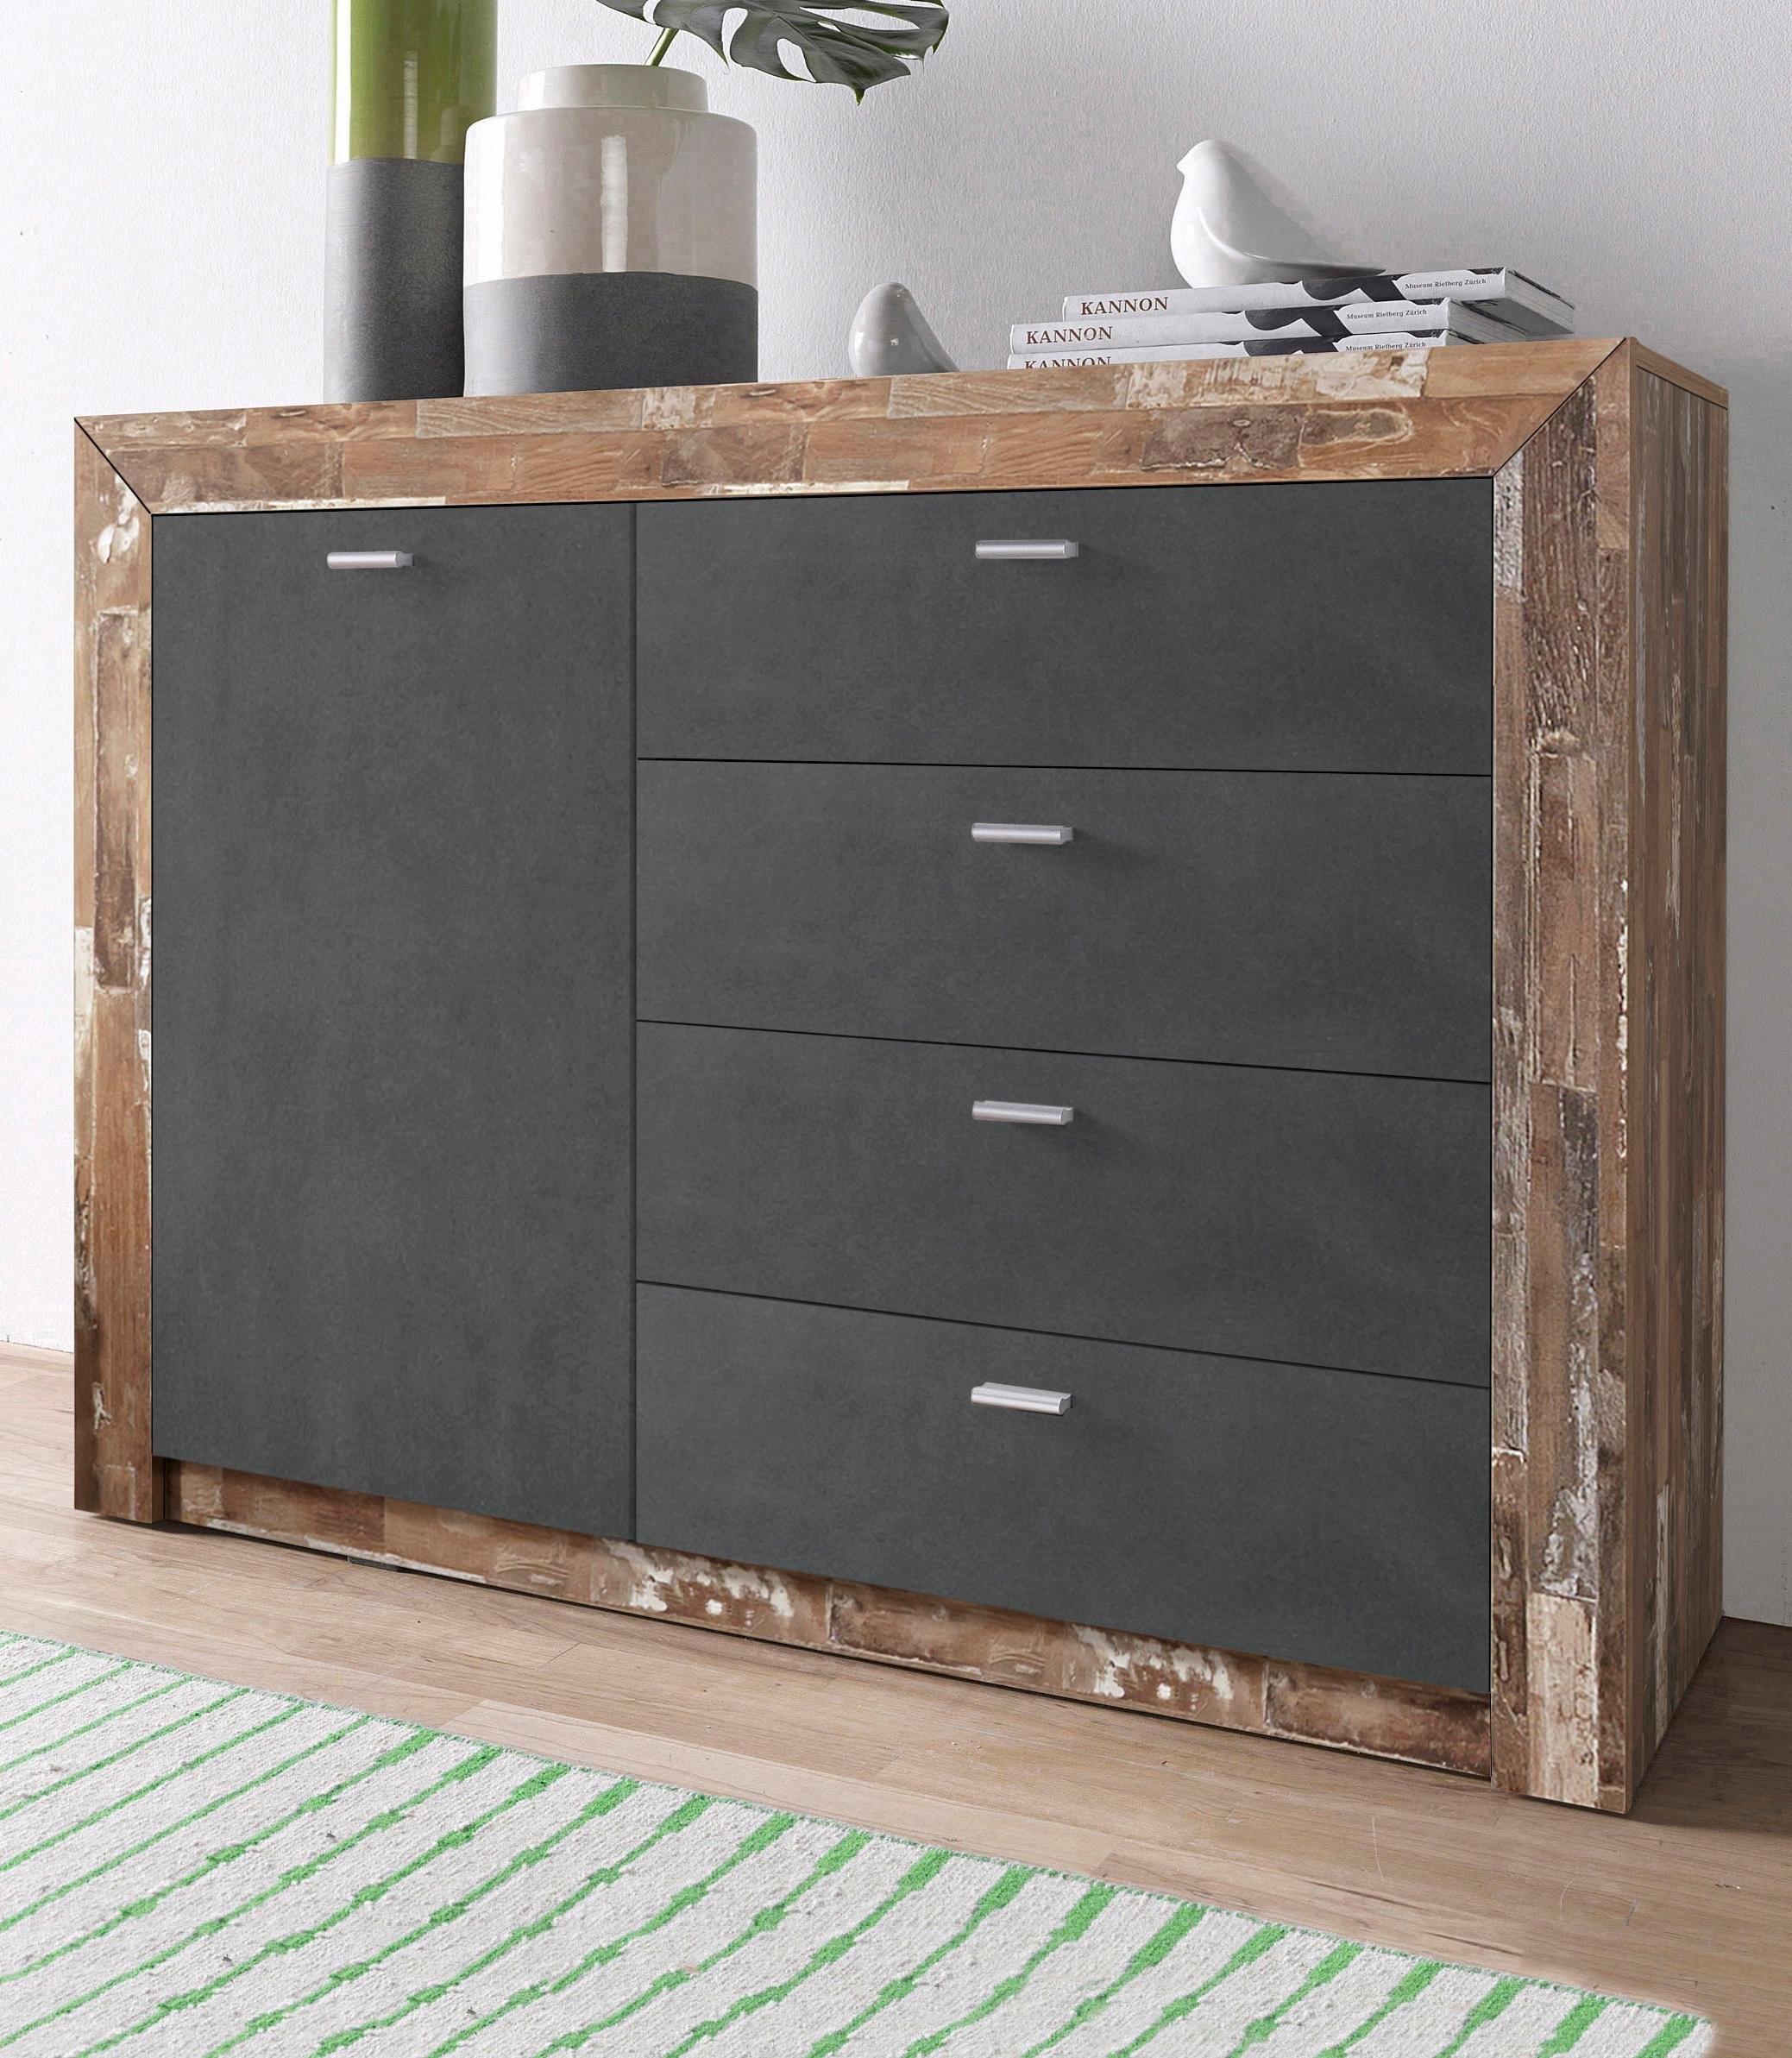 sideboard 120 cm breed online bij otto. Black Bedroom Furniture Sets. Home Design Ideas